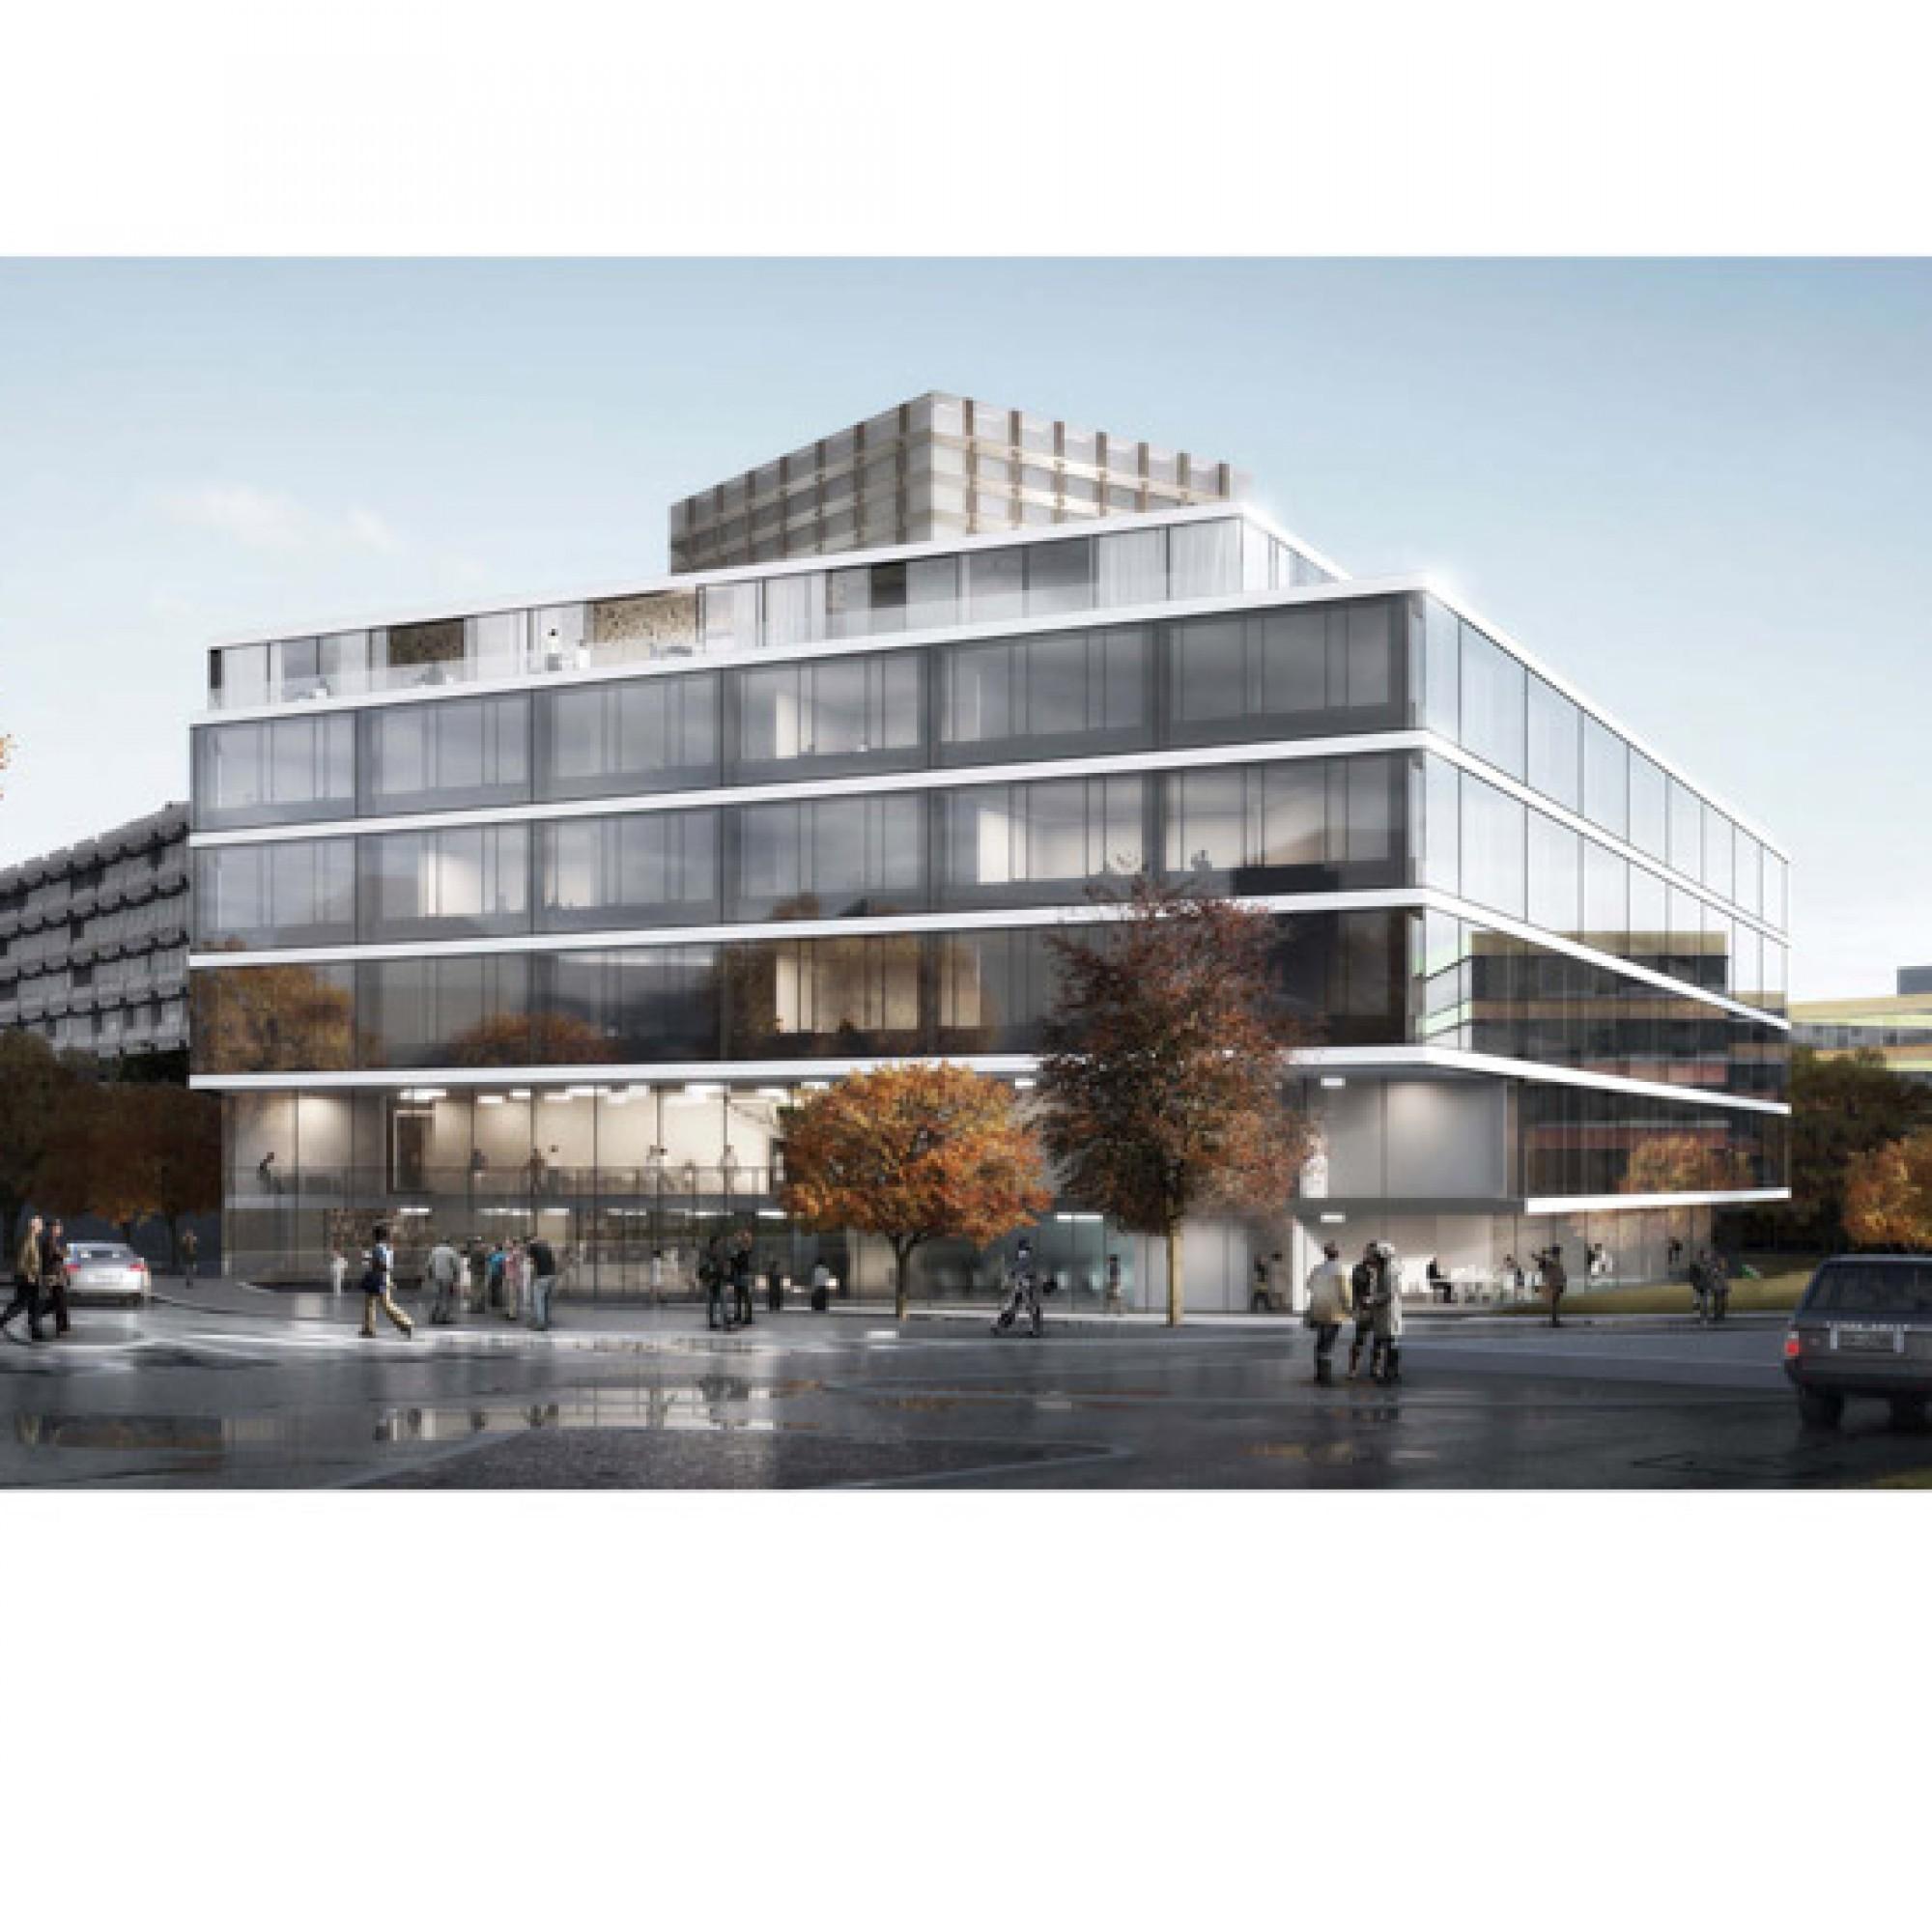 Forschungs- und Lehrgebäude von der Strasse her gesehen. (PD)